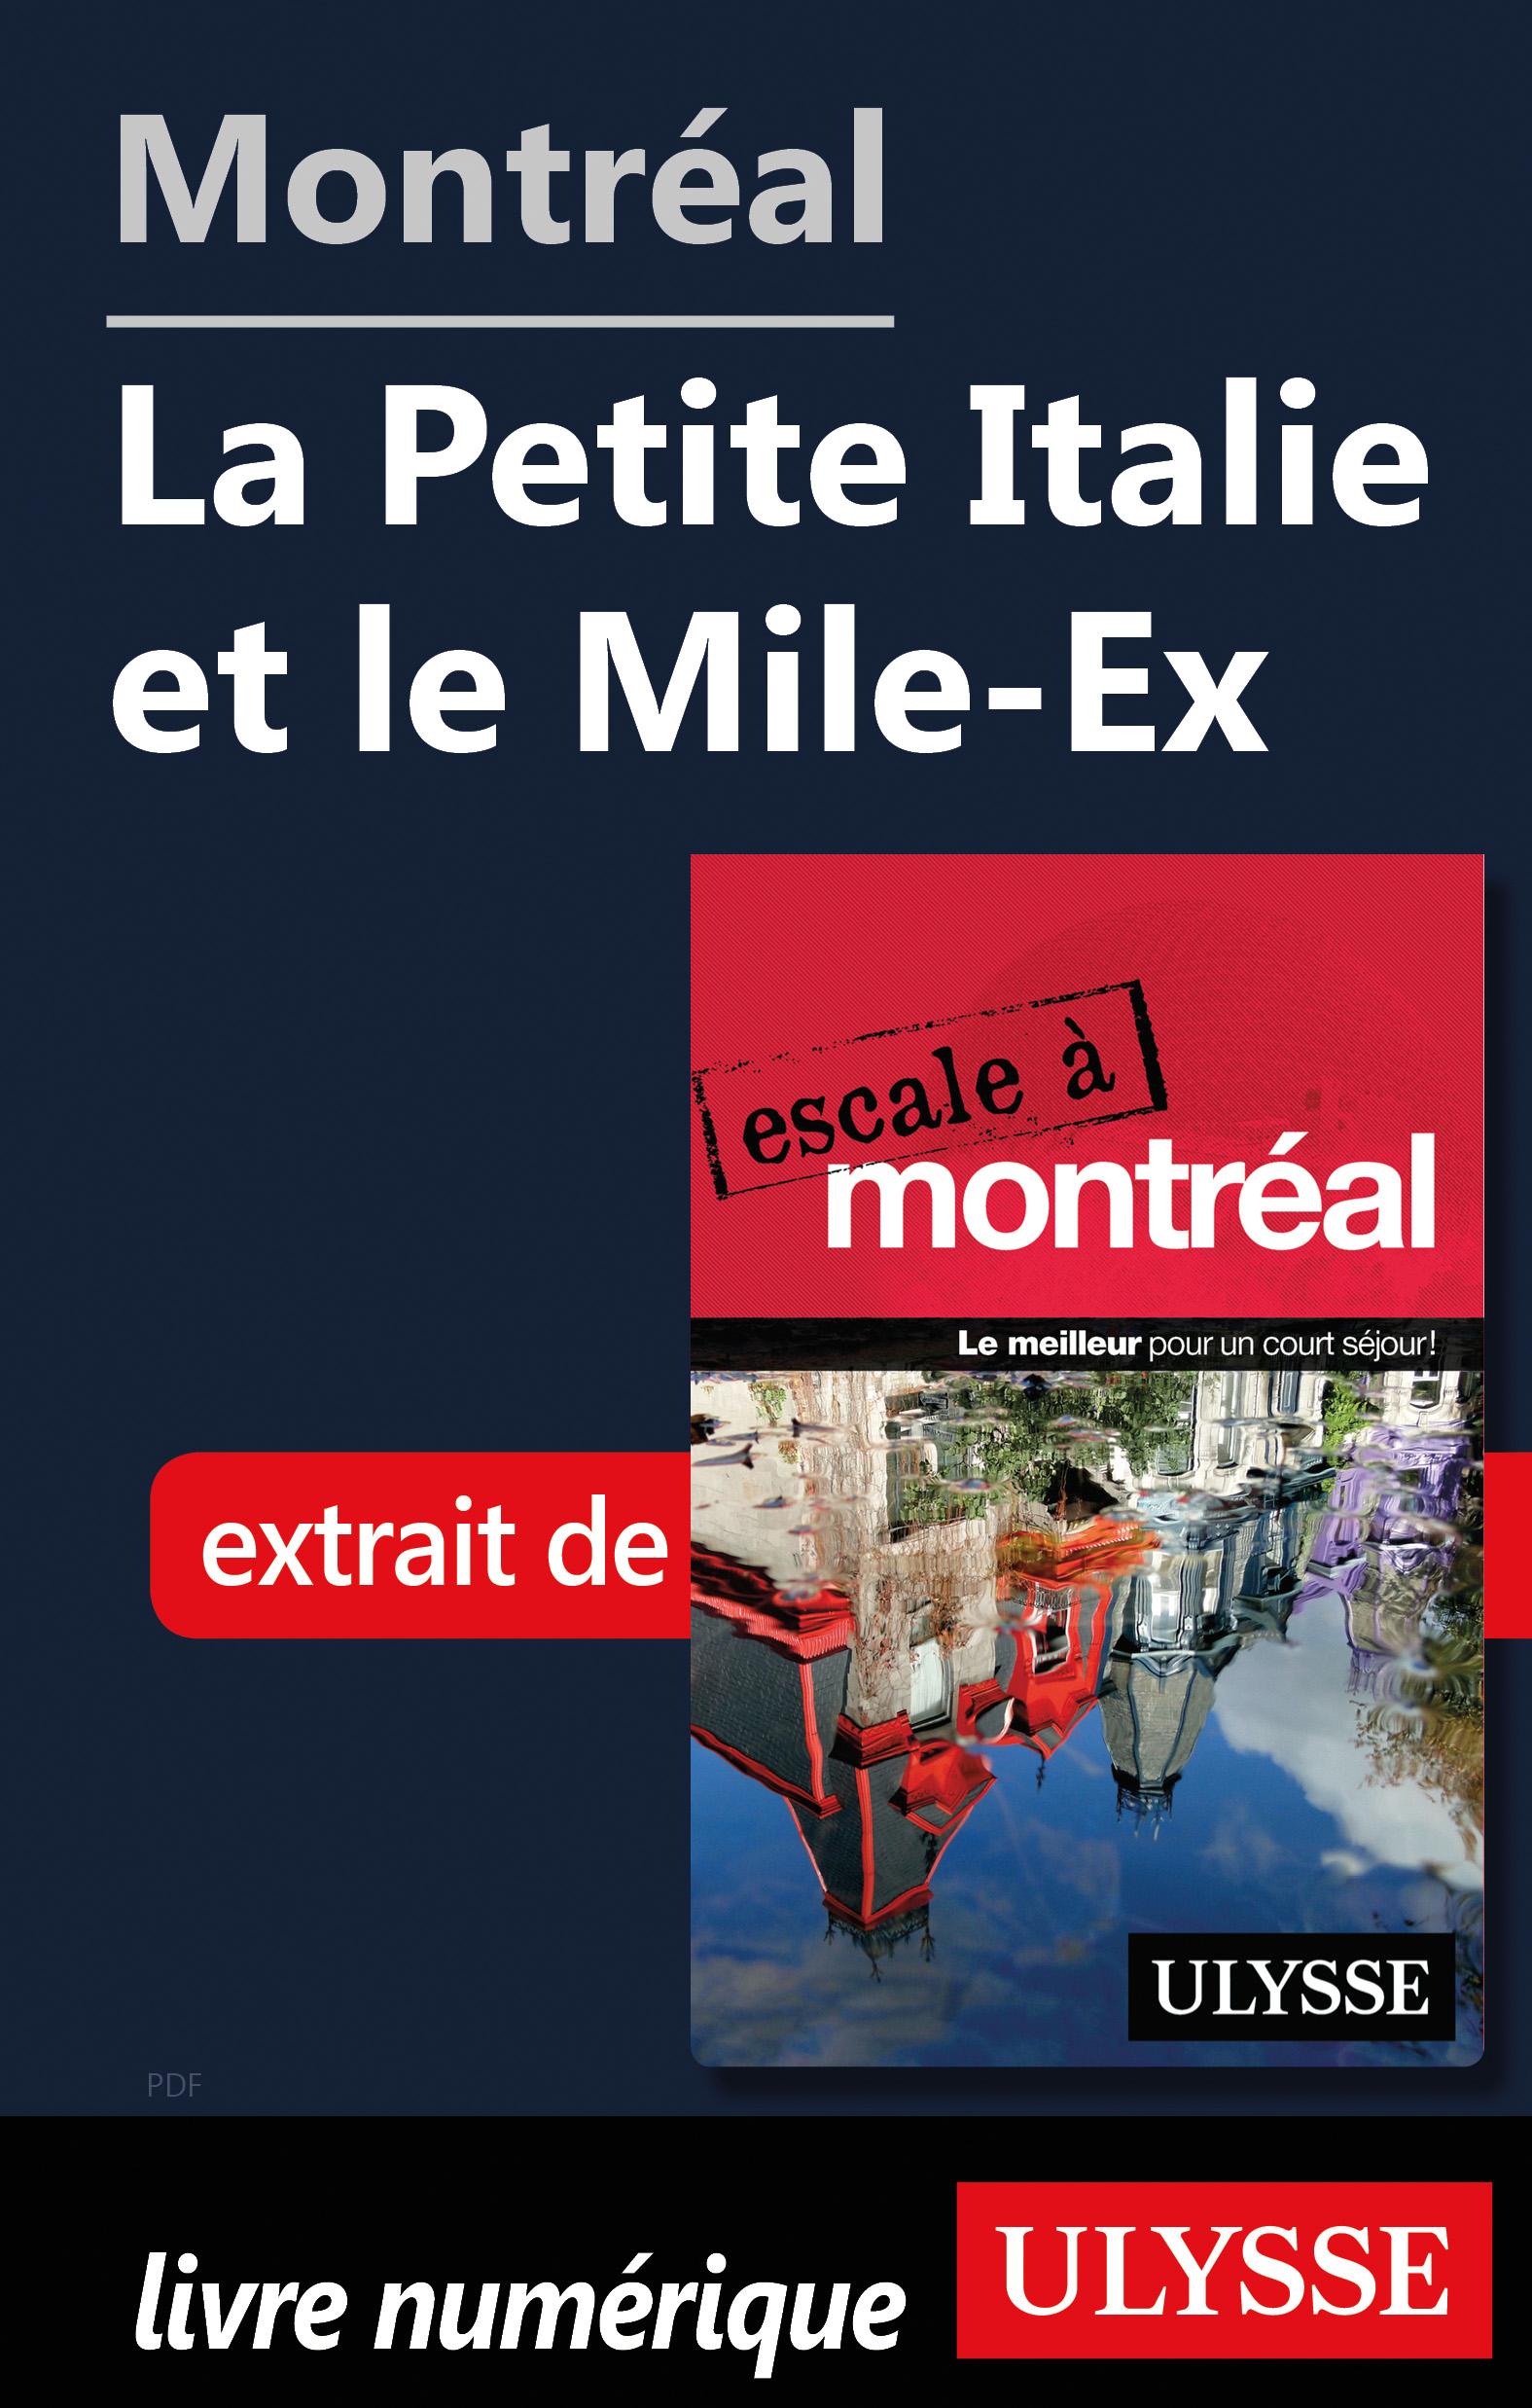 Montréal - La Petite Italie...